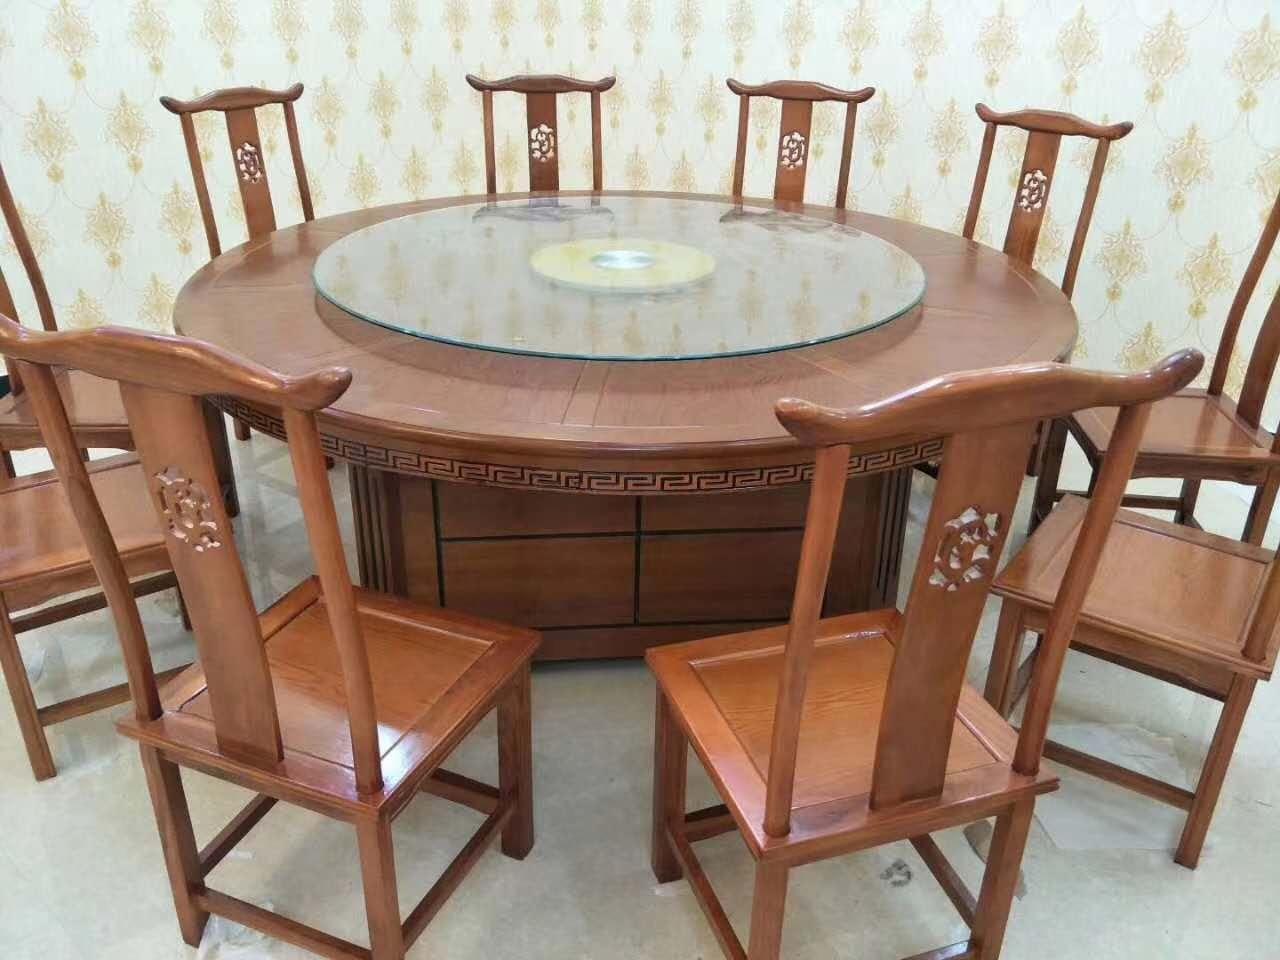 中今酒店产餐桌椅